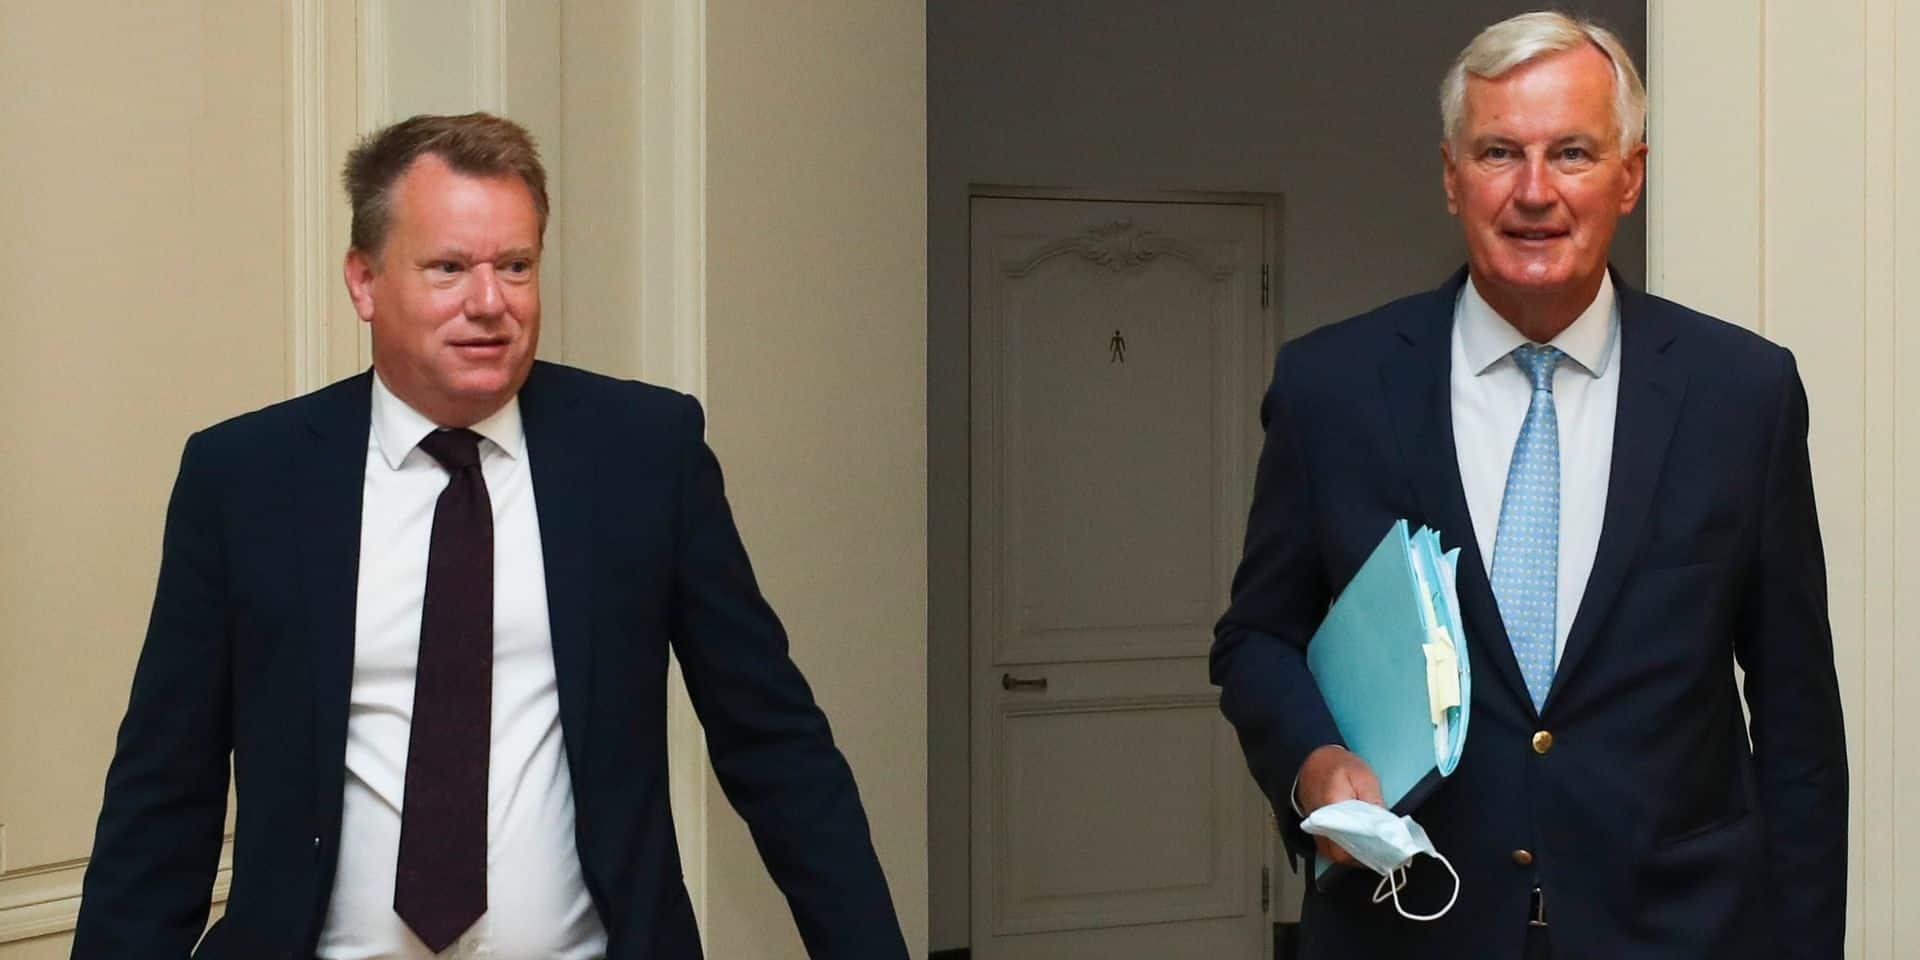 David Frost, le négociateur en chef du Brexit pour le Royaume-Uni, et Michel Barnier, le négociateur européen, se renvoient la balle.